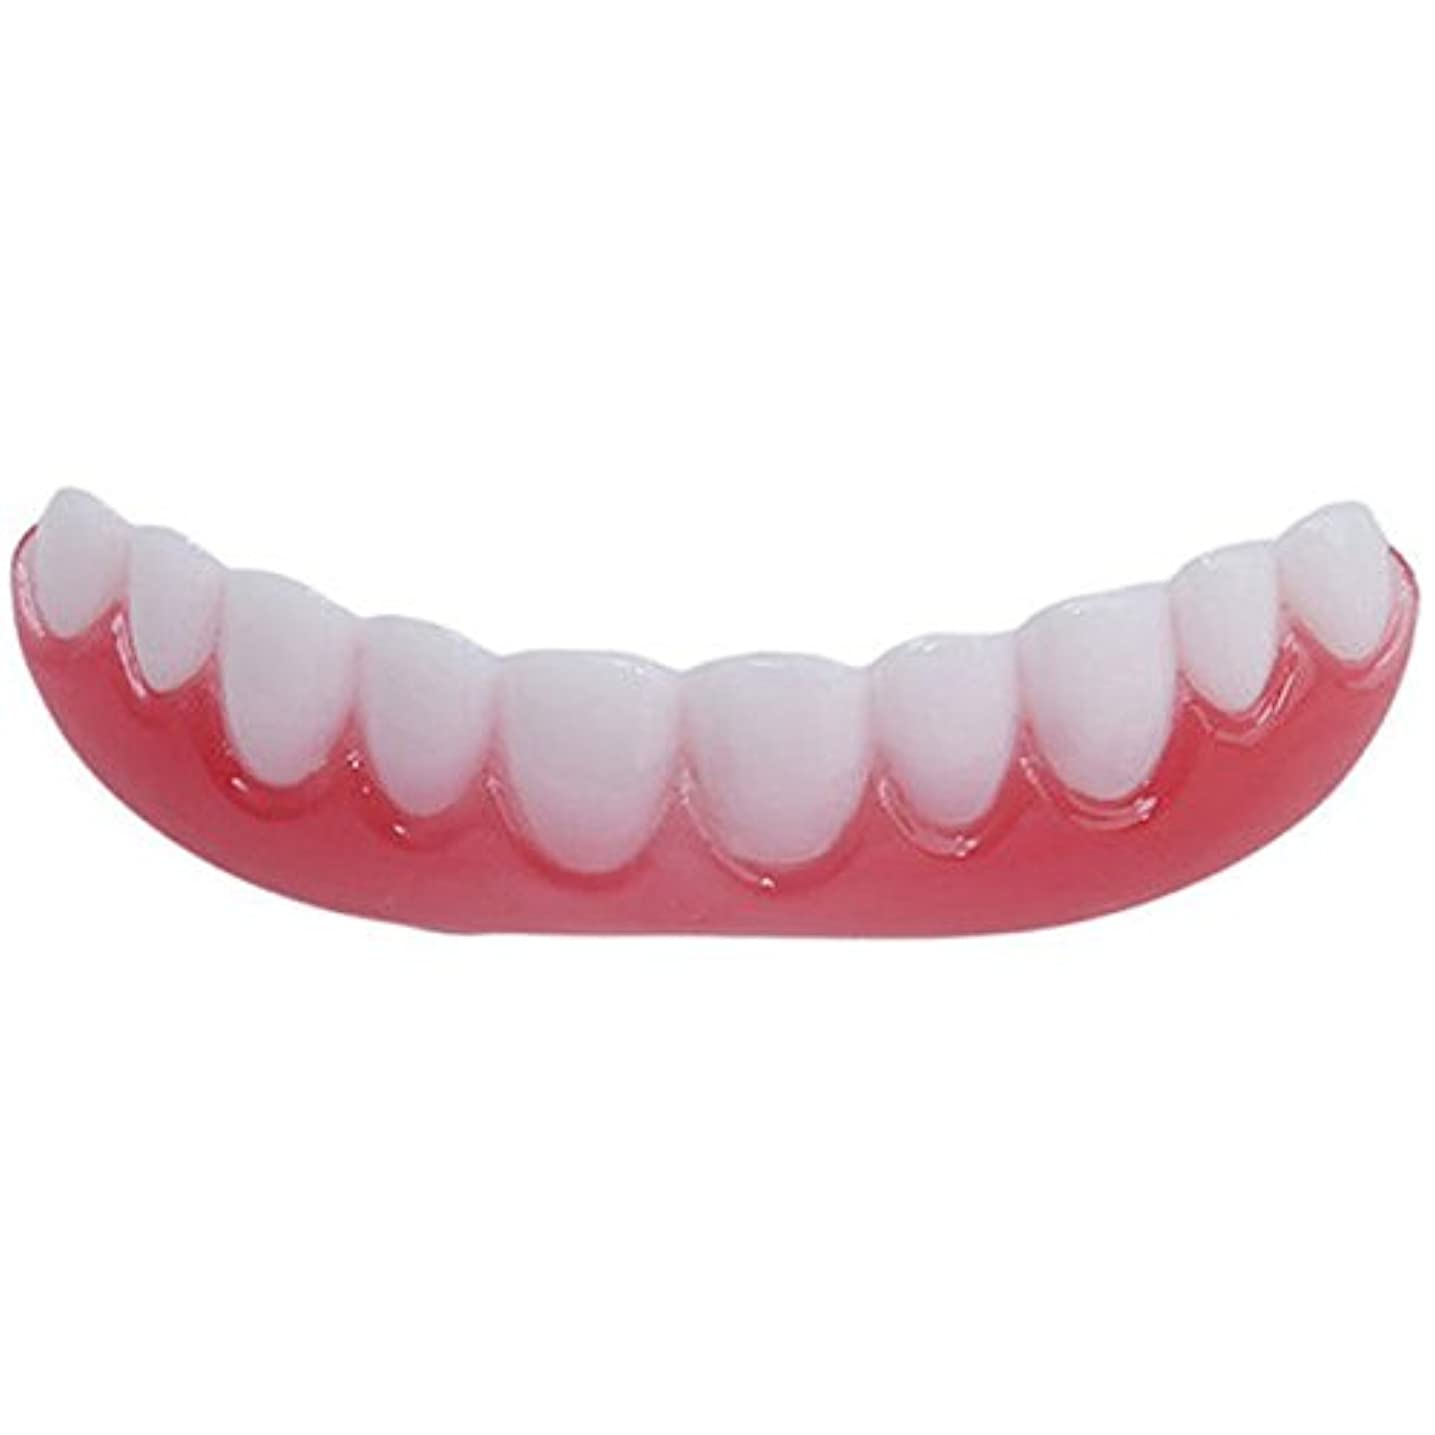 バッグ祖先下に向けますFashionwu 矯正 義歯 シリコン スマイル ベニア シミュレーション フレックス ペースト